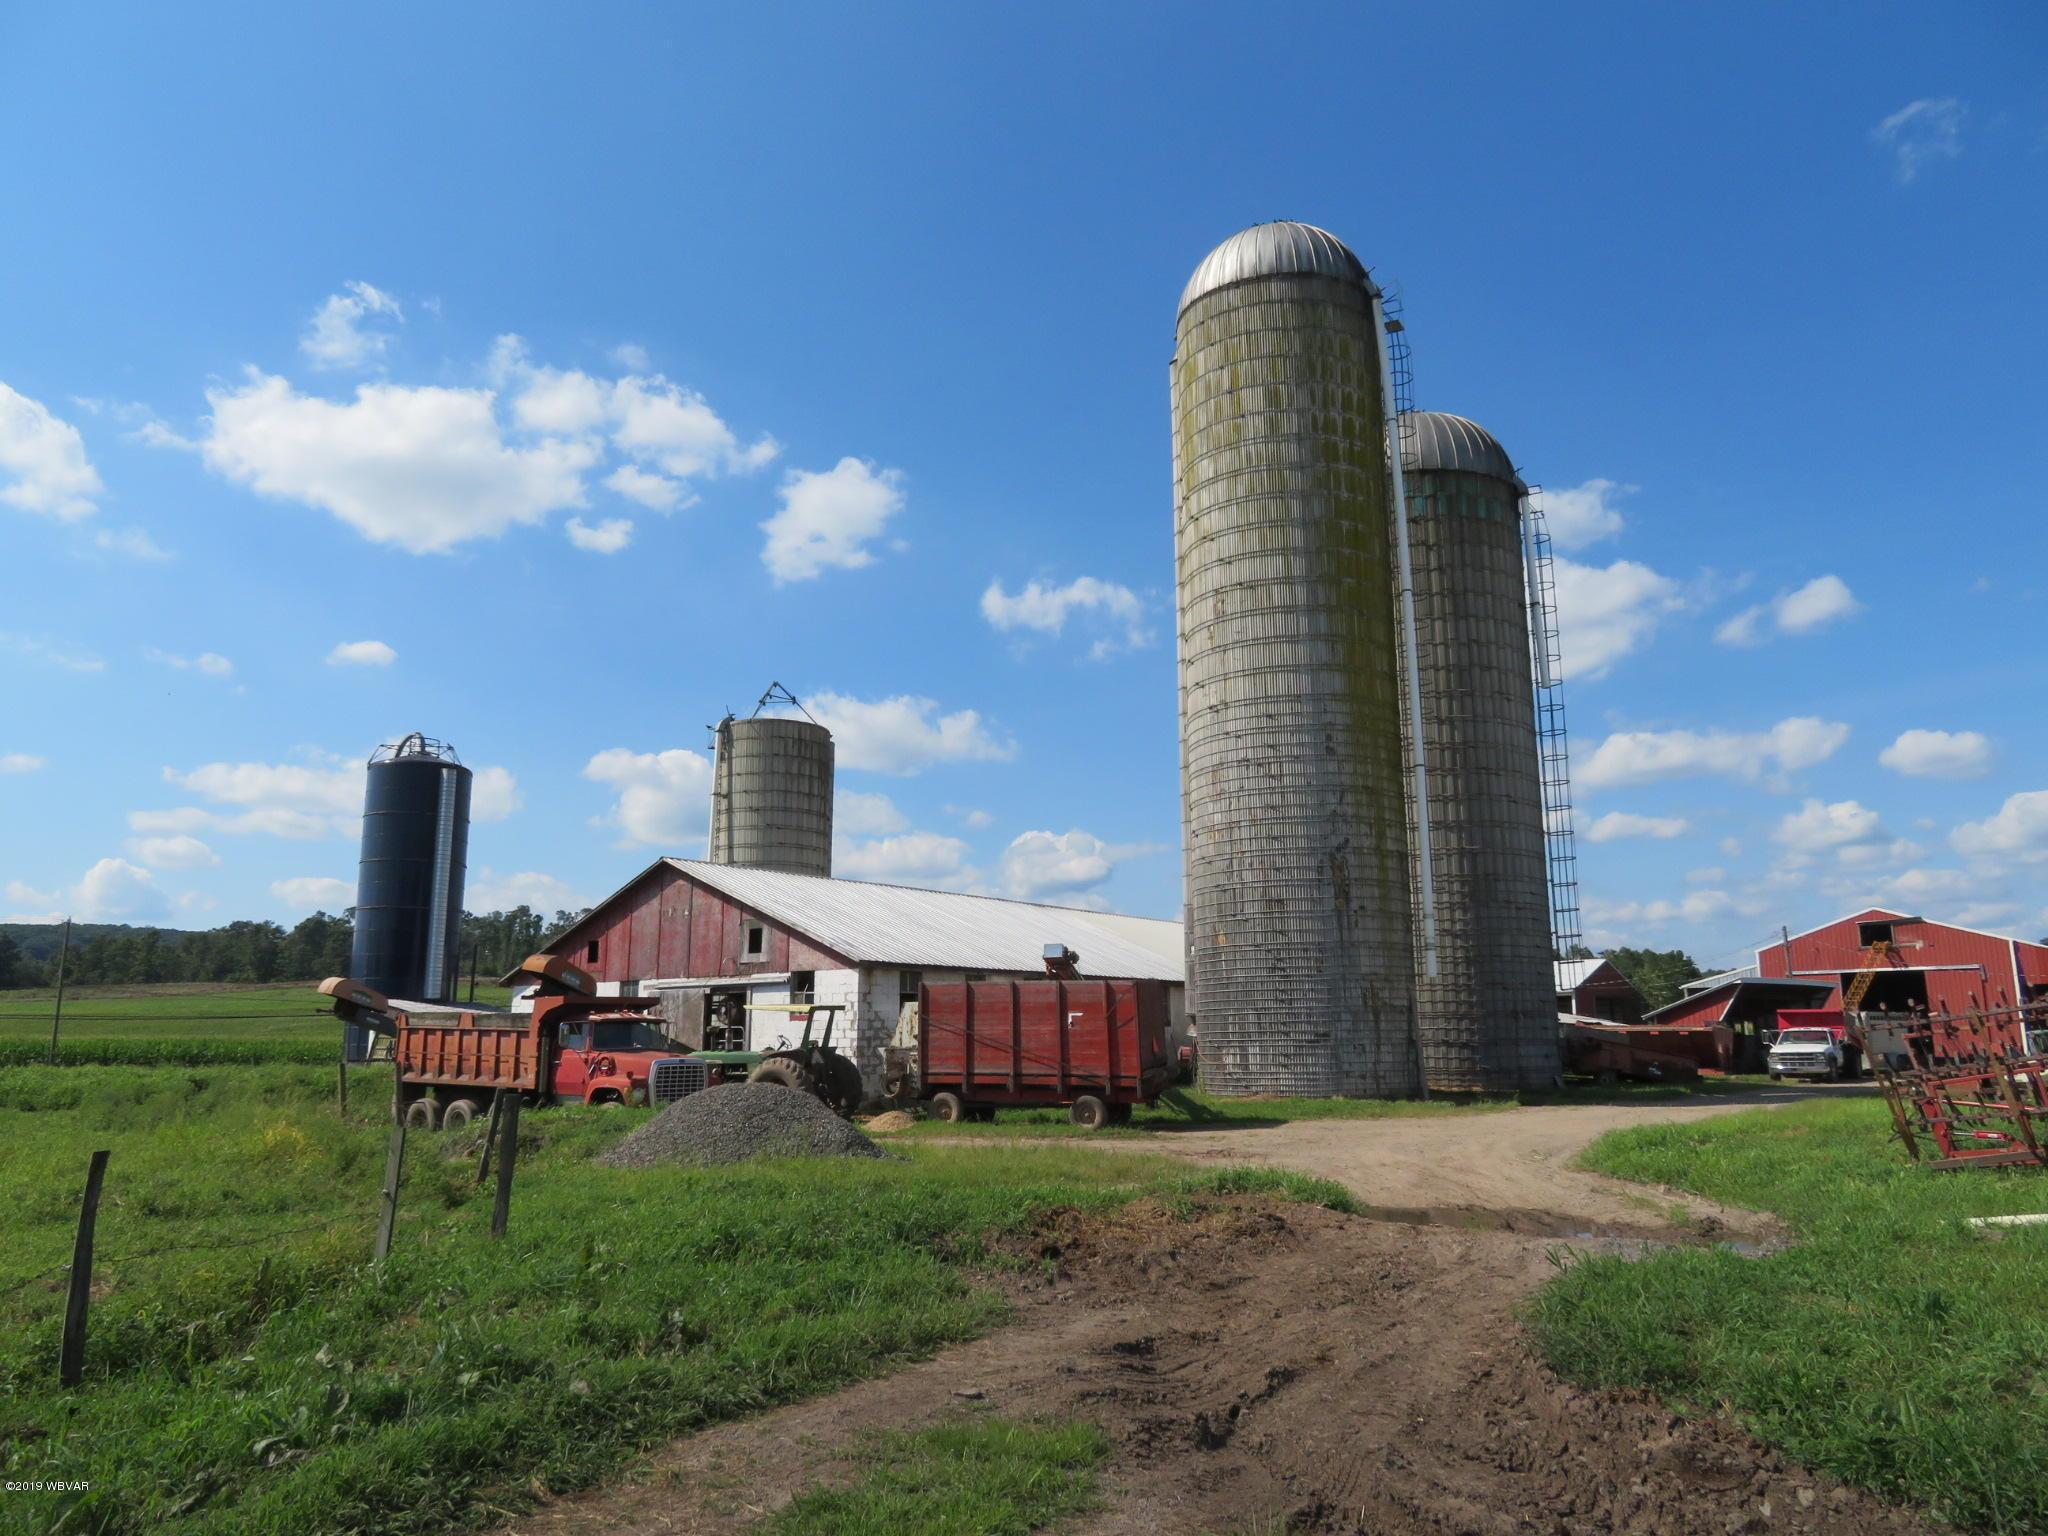 4502 RED ROCK ROAD,Benton,PA 17814,2 Bedrooms Bedrooms,1 BathroomBathrooms,Farm,RED ROCK,WB-88317